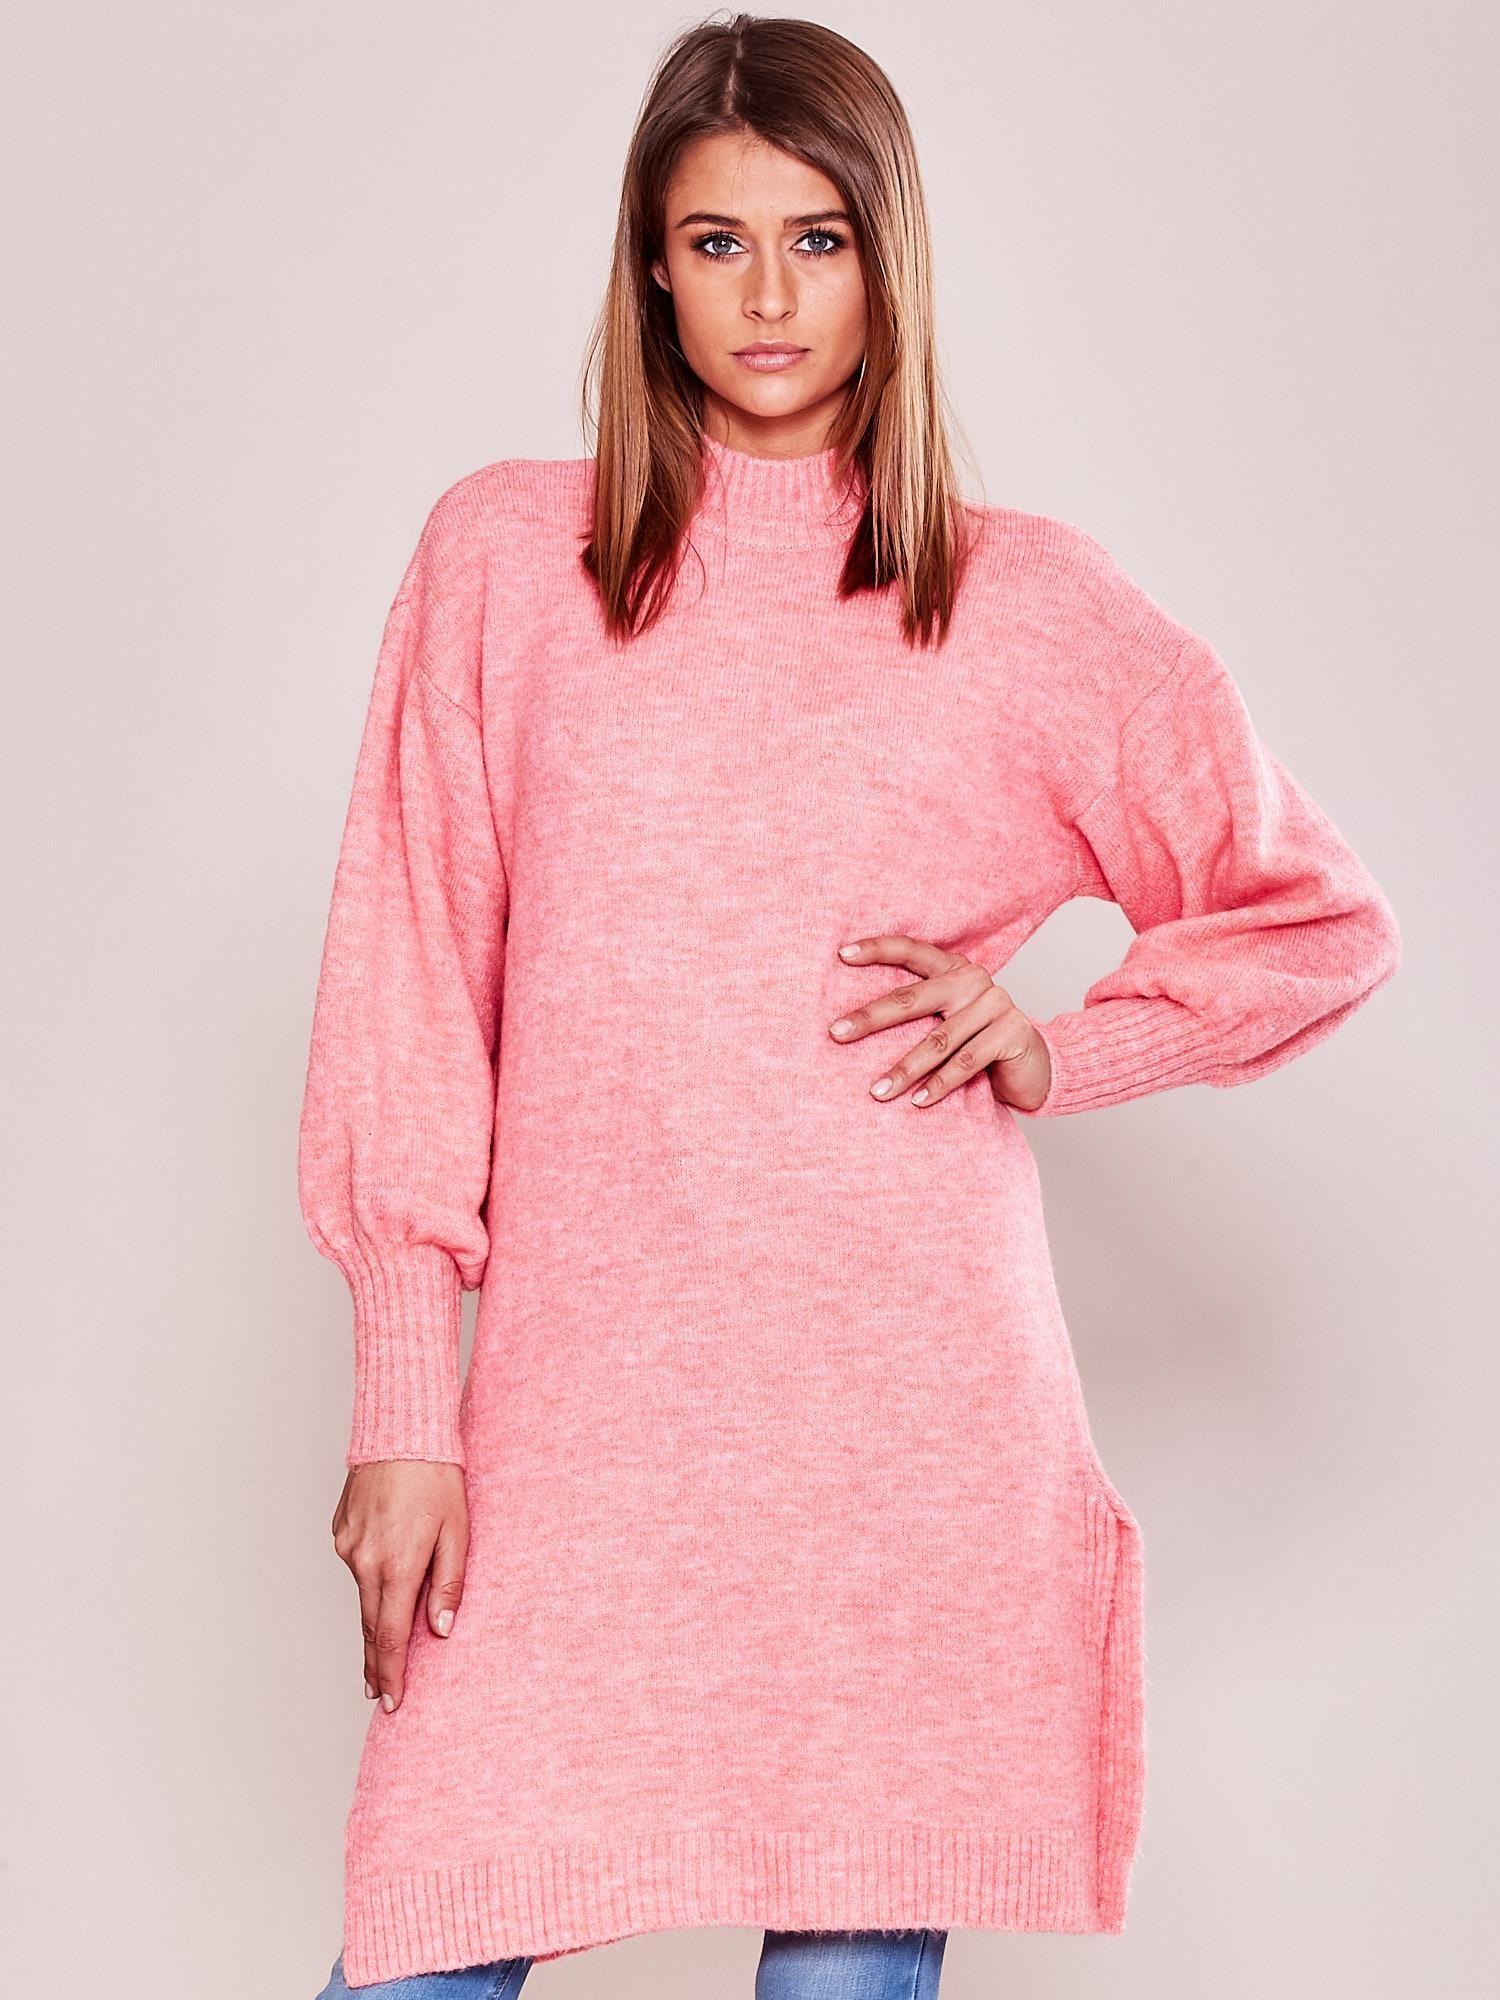 e50feae861a9c4 Długi sweter damski z szerokimi ściągaczami różowy - Sweter z golfem - sklep  eButik.pl